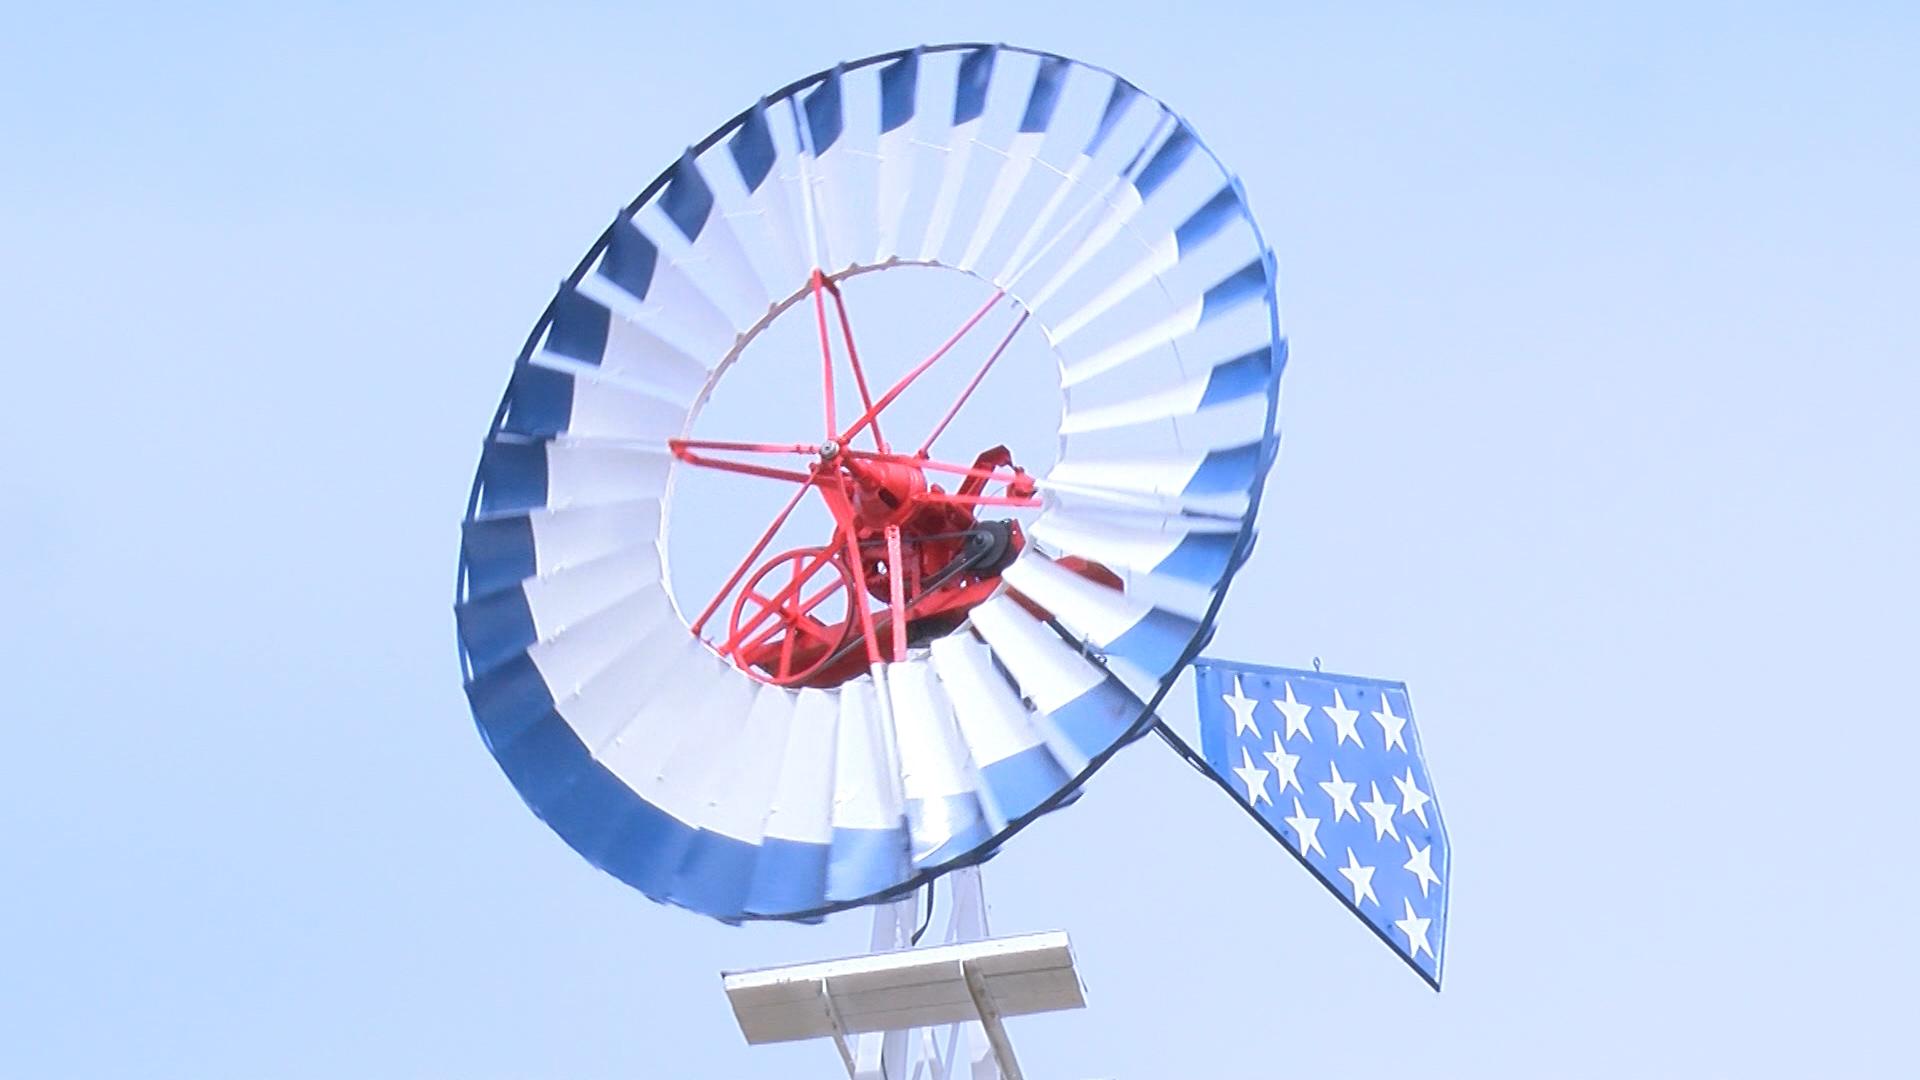 Windmill_1507067806500.jpg